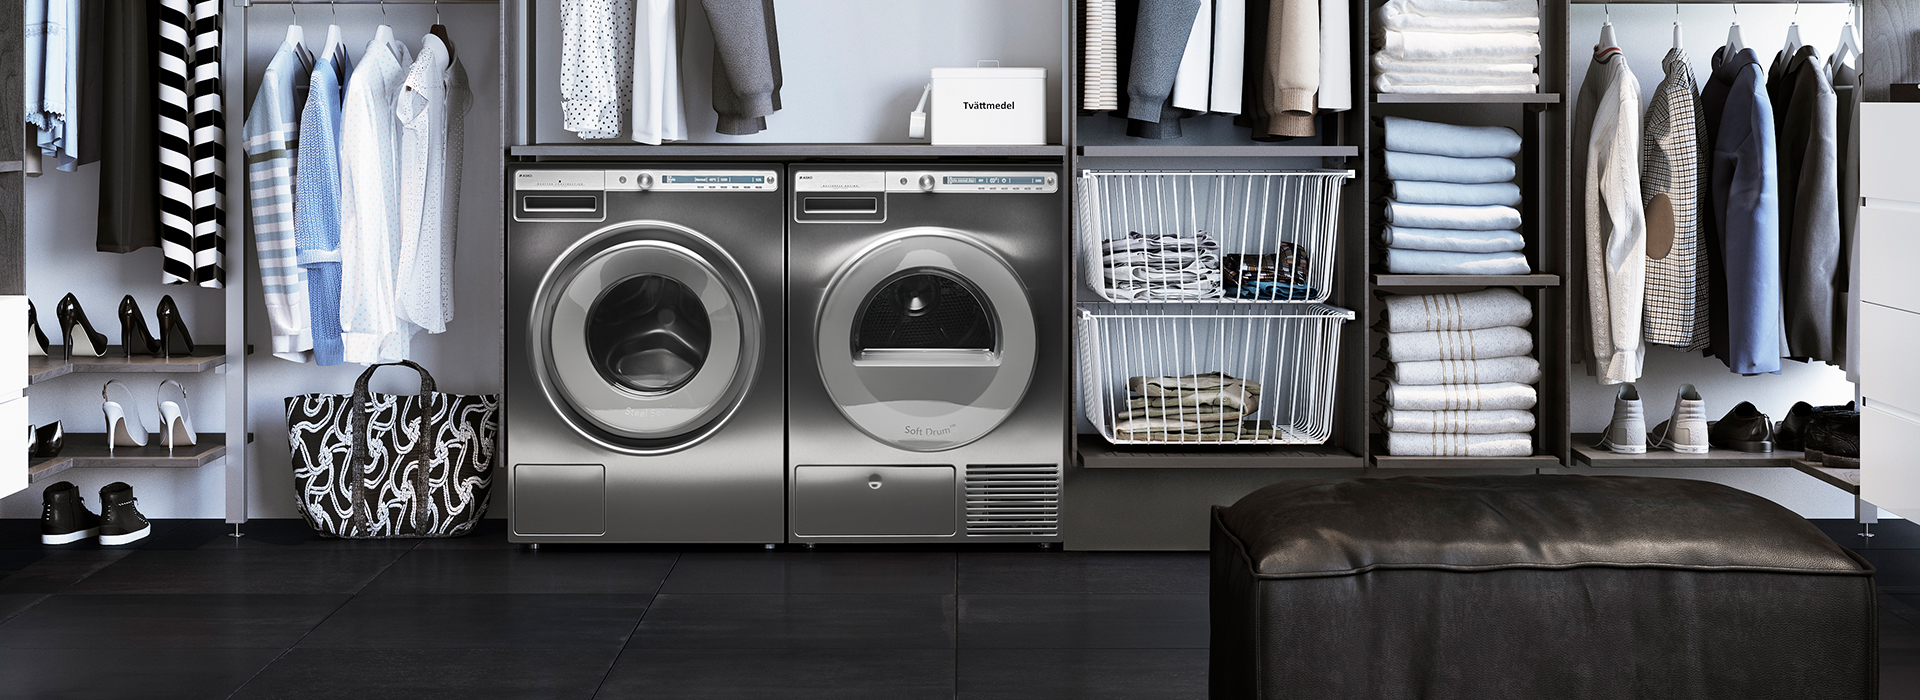 ASKO Bild Waschmaschinen Kleider